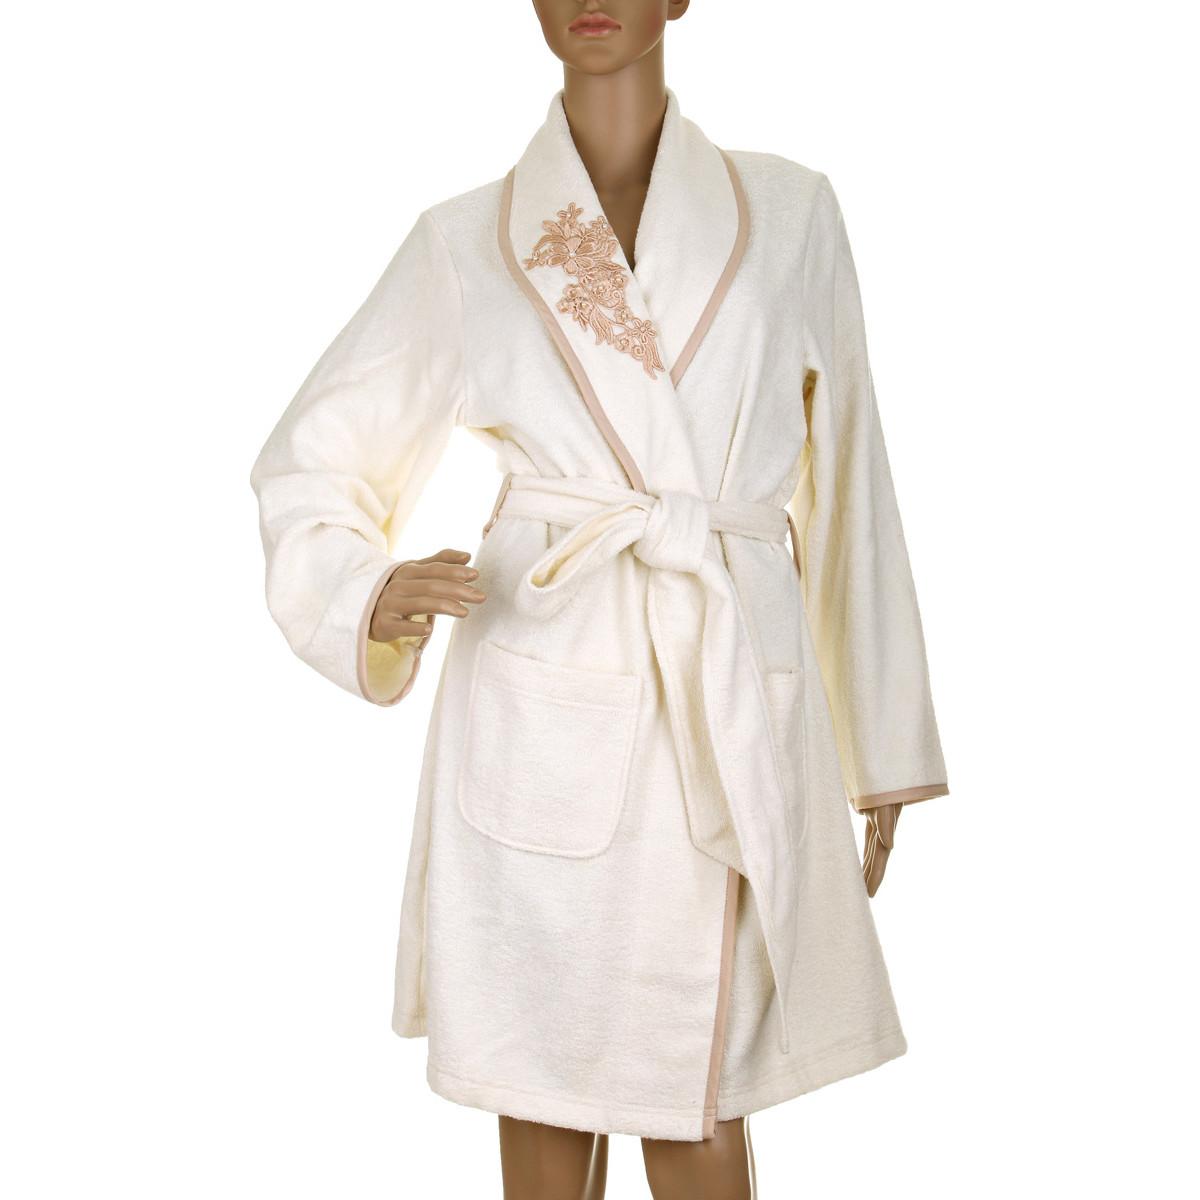 Сауны, бани и оборудование Santalino Халат Kyler (L-xL) сауны бани и оборудование primavelle халат smile цвет персиковый m l